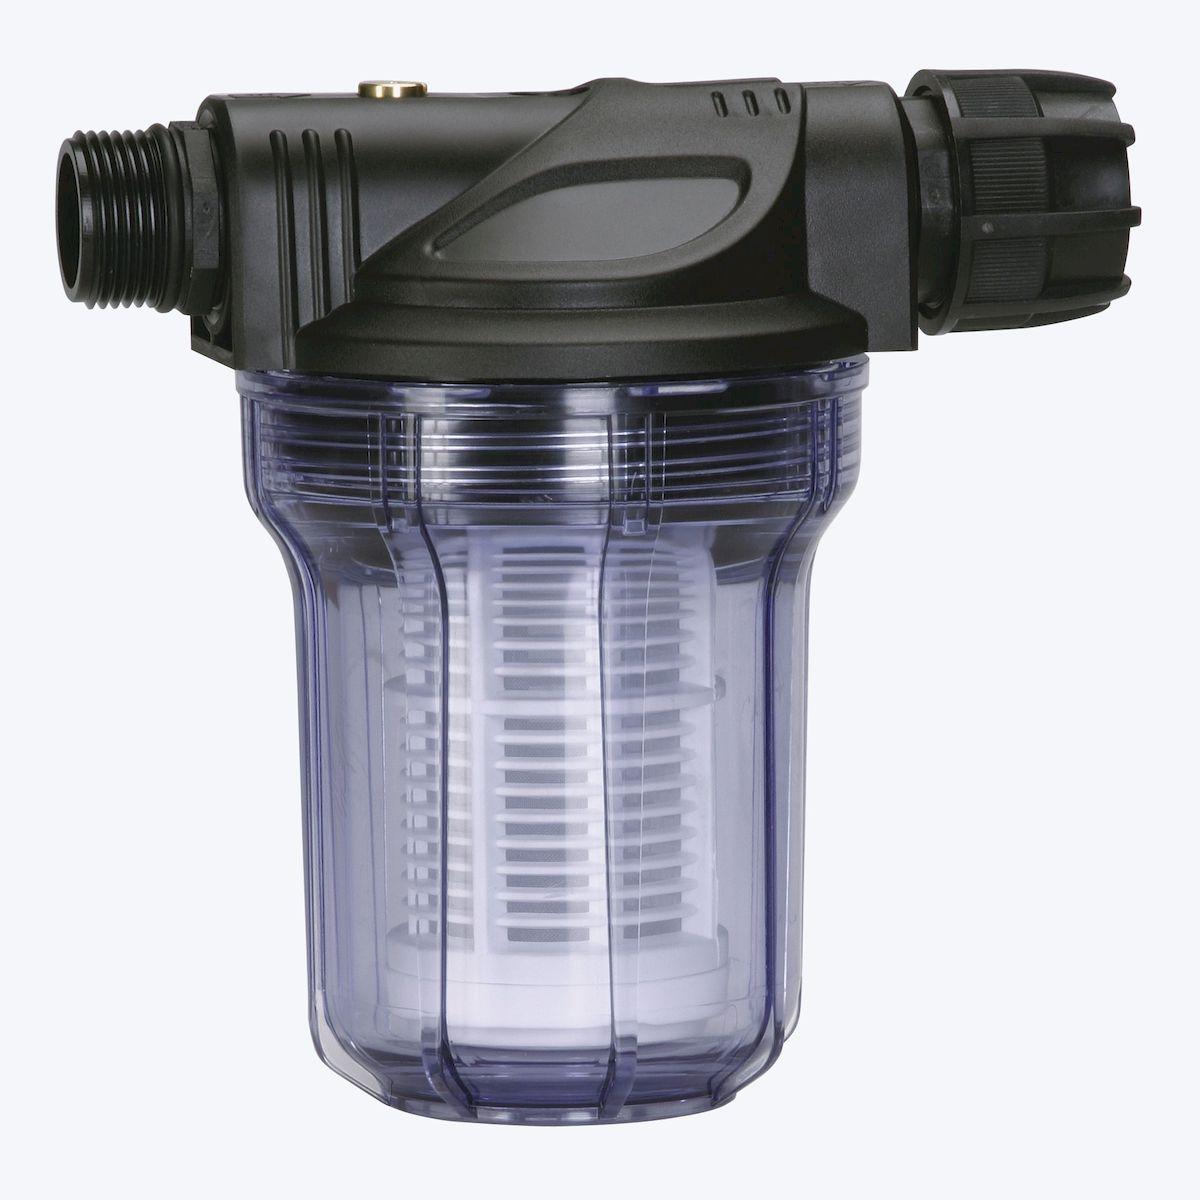 Фильтр предварительной очистки Gardena  до 3000 л/ч6.295-875.0Фильтр предварительной очистки Gardena  защищает насос от мелких и крупных загрязняющих частиц, обеспечивая тем самым бесперебойность его работы и особенно рекомендован к использованию при перекачивании сред, содержащих песок. Просто установите фильтр предварительной очистки между садовым насосом, станцией автоматического водоснабжения или автоматическим напорным насосом и заборным шлангом. Быстросъемный фильтр легко чистится. Фильтр снабжен резьбой 33,3 мм (G 1) и рассчитан на расход воды до 3000 л/ч.